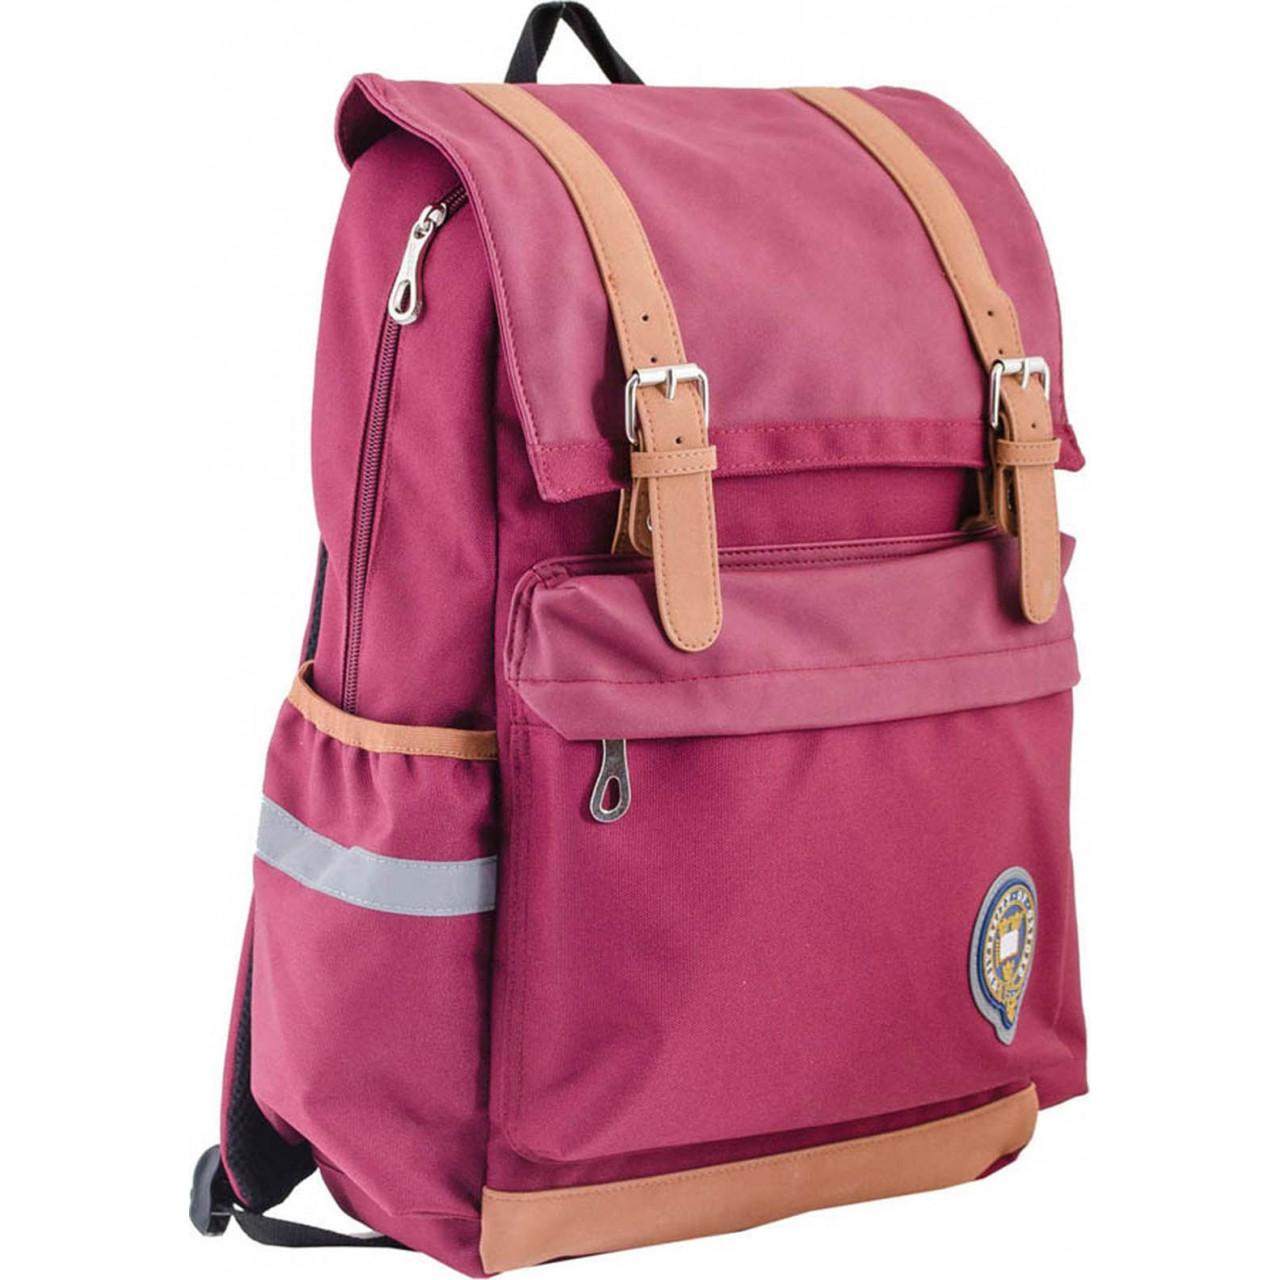 Рюкзак подростковый OX 301, бордовый, 28*42*13